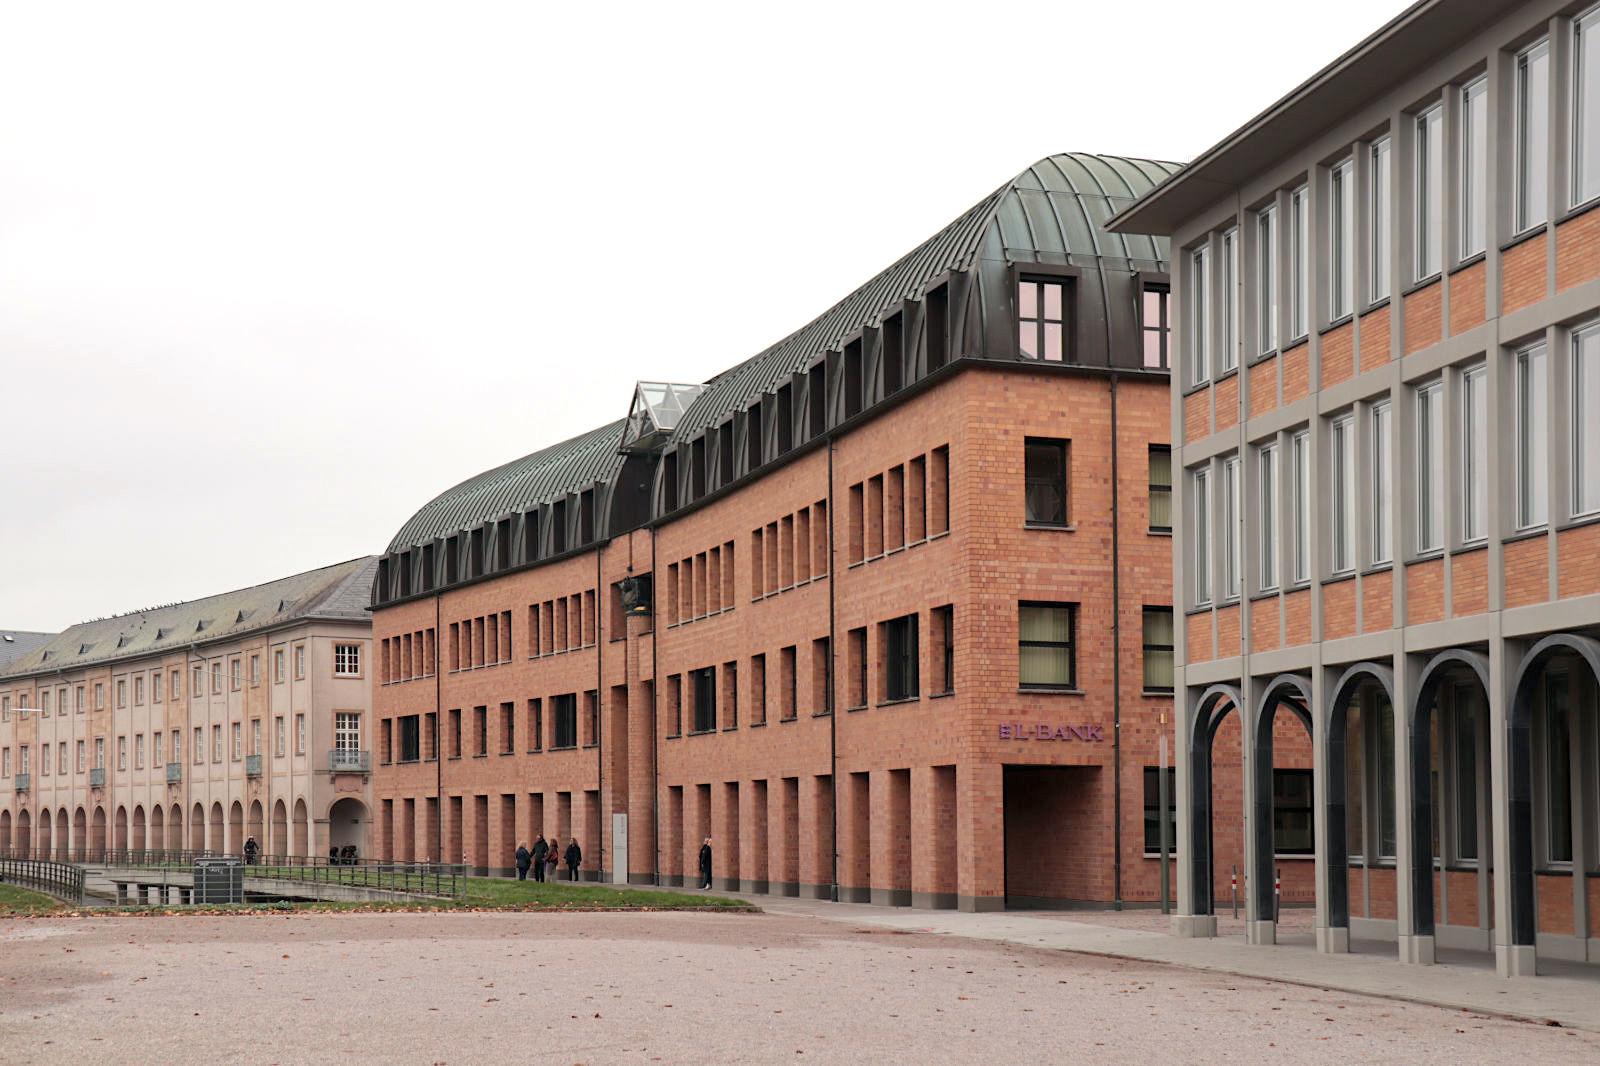 Landeskreditbank Baden-Württemberg L-Bank. Entwurf: Heinz Mohl, 1983. Das postmoderne, dreigeschossige Gebäude mit der Klinkerfassade an prominenter Stelle am Schlossplatz fügt sich in die vorhandene Nachbarschaft. Gleichzeitig betonte Mohl mit dem tiefen und hohen Fassadeneinschnitt die Eigenständigkeit seines Baus.